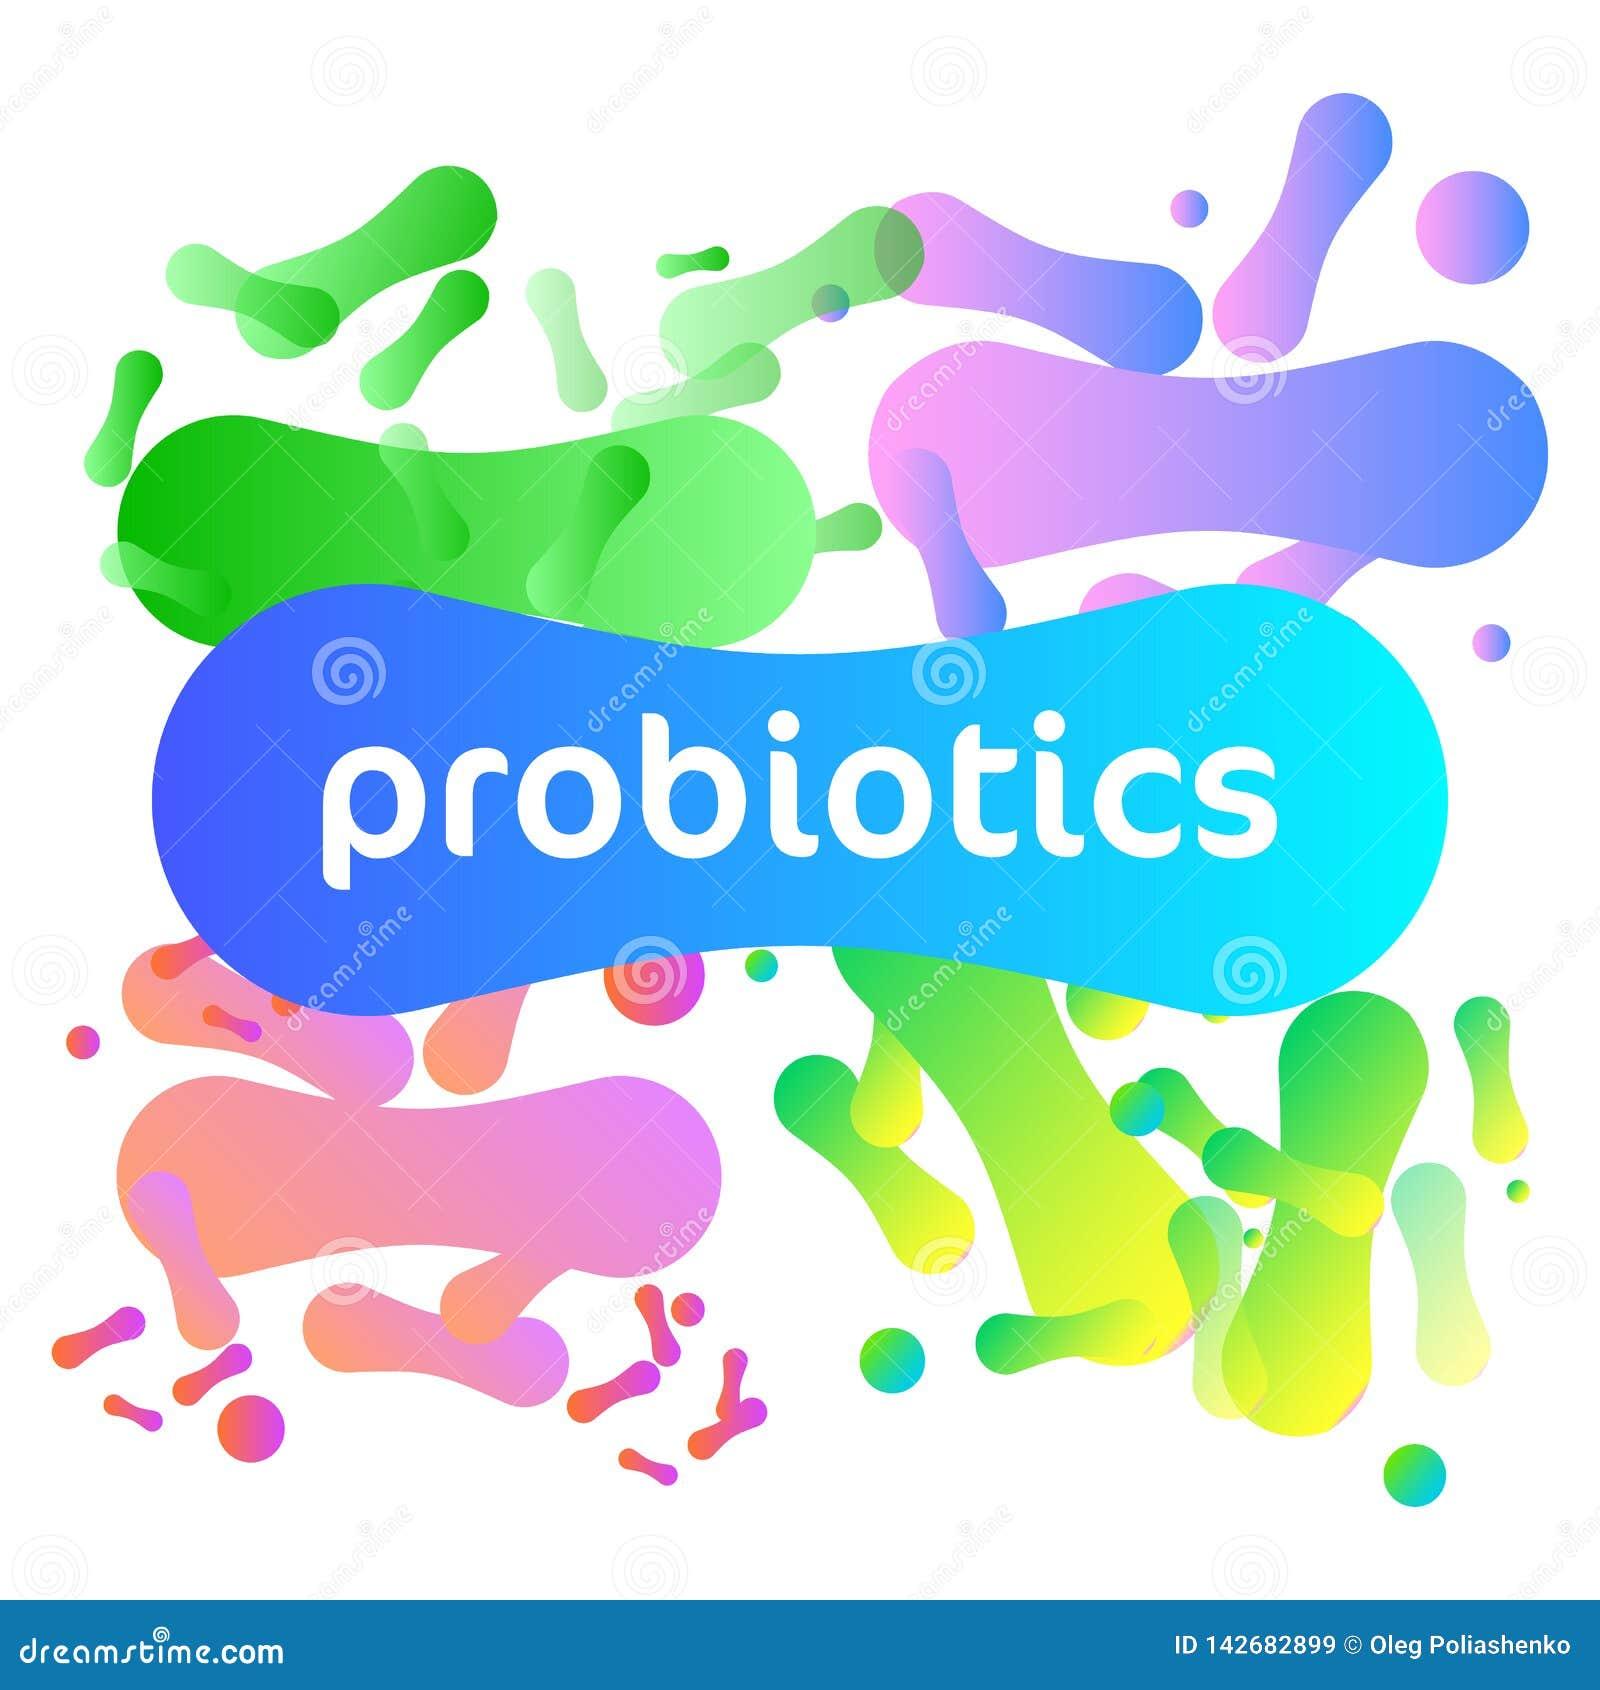 Probiotics-Bakterien-Vektor-Logo